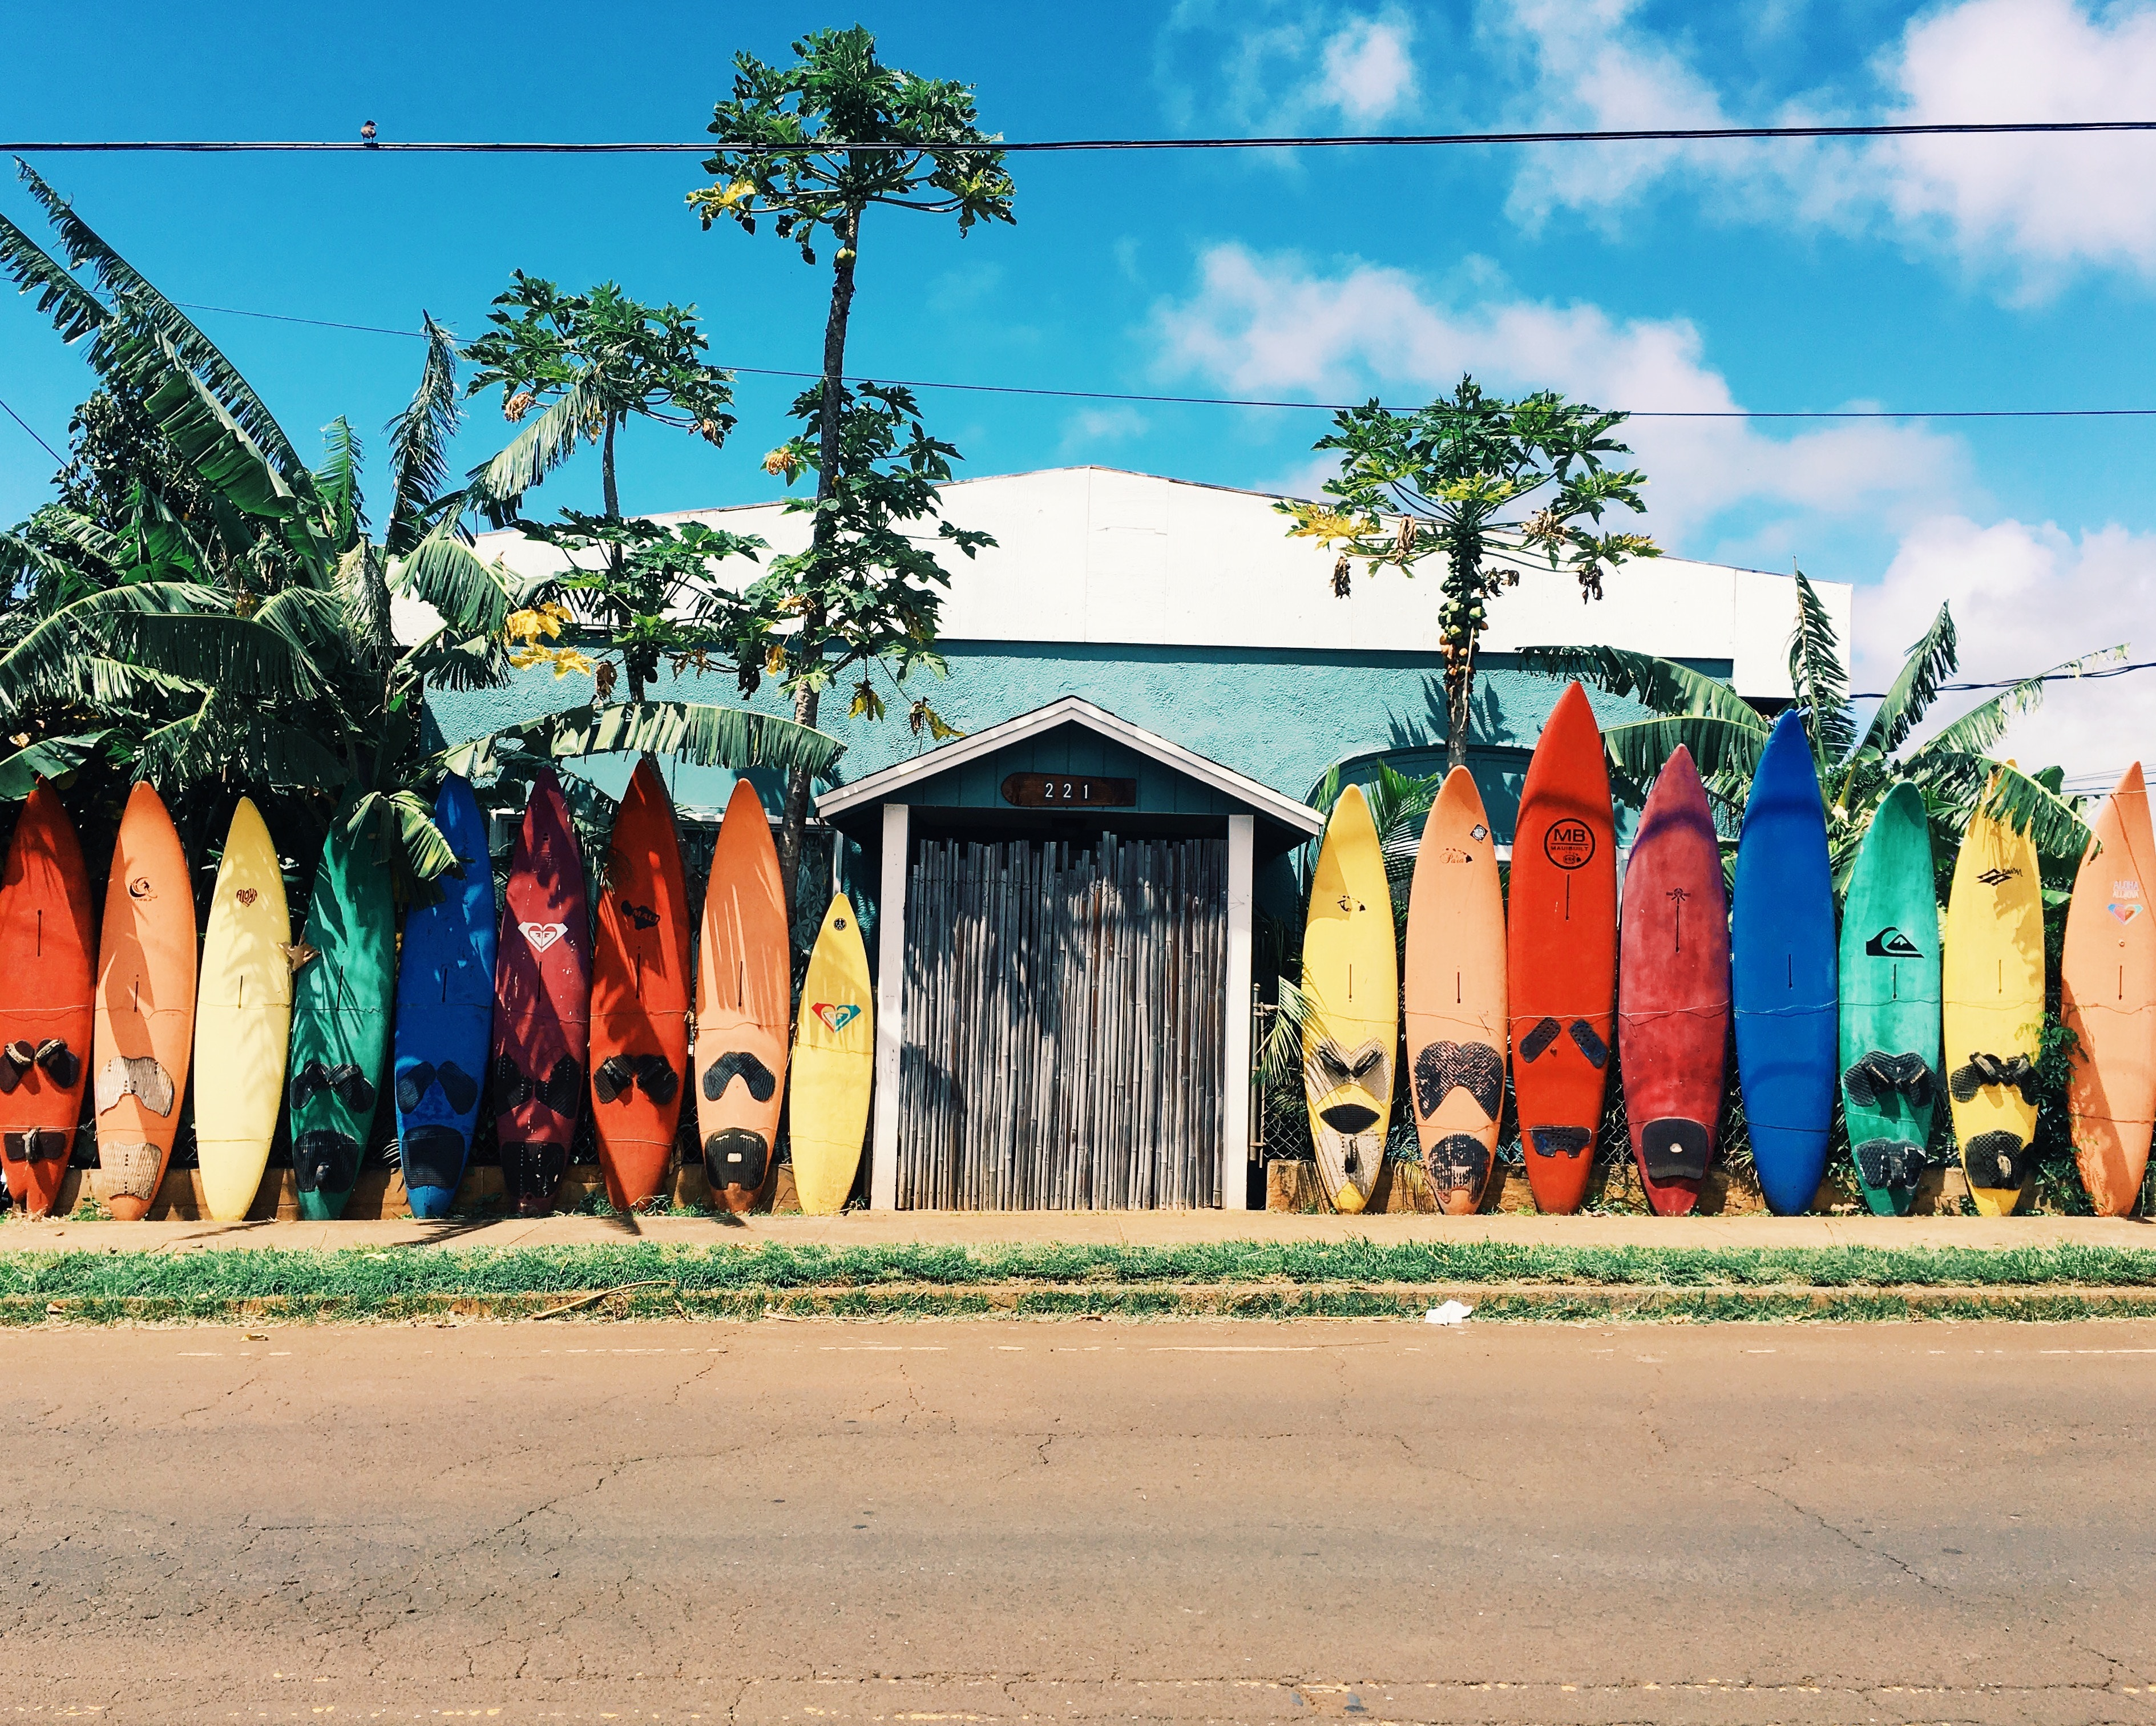 ハワイのインスタ映えスポット19選!綺麗な海や人気のスイーツ・カフェも!